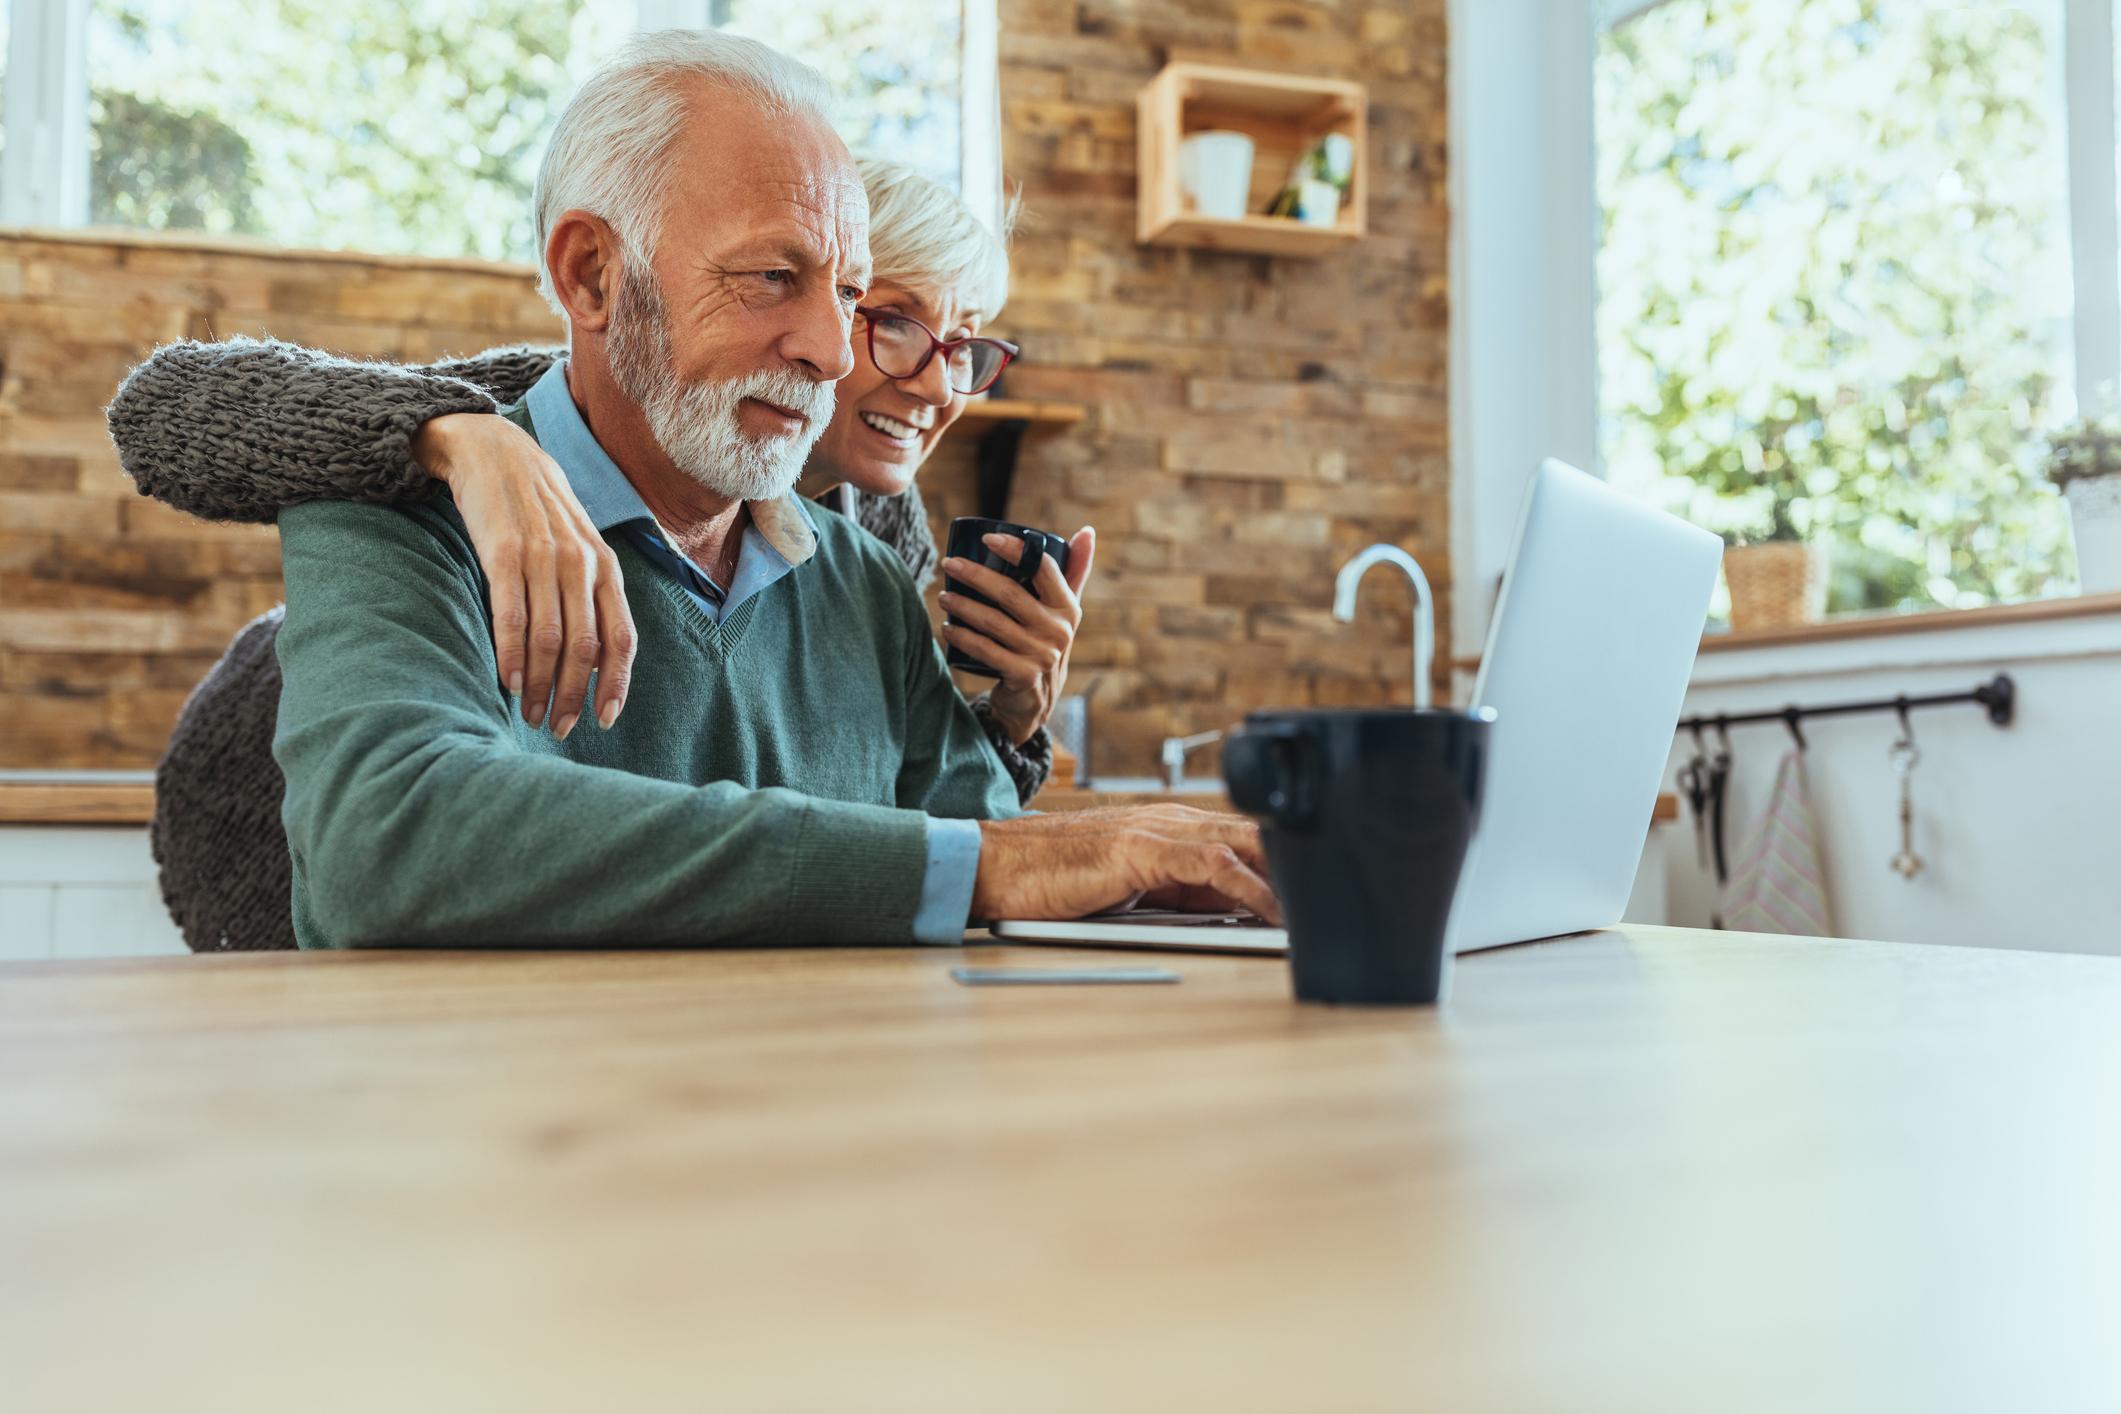 Postoje prirodni načini koji mogu uravnotežiti naš krvni tlak i izbjeći (ili barem odgoditi) uzimanje lijekova.